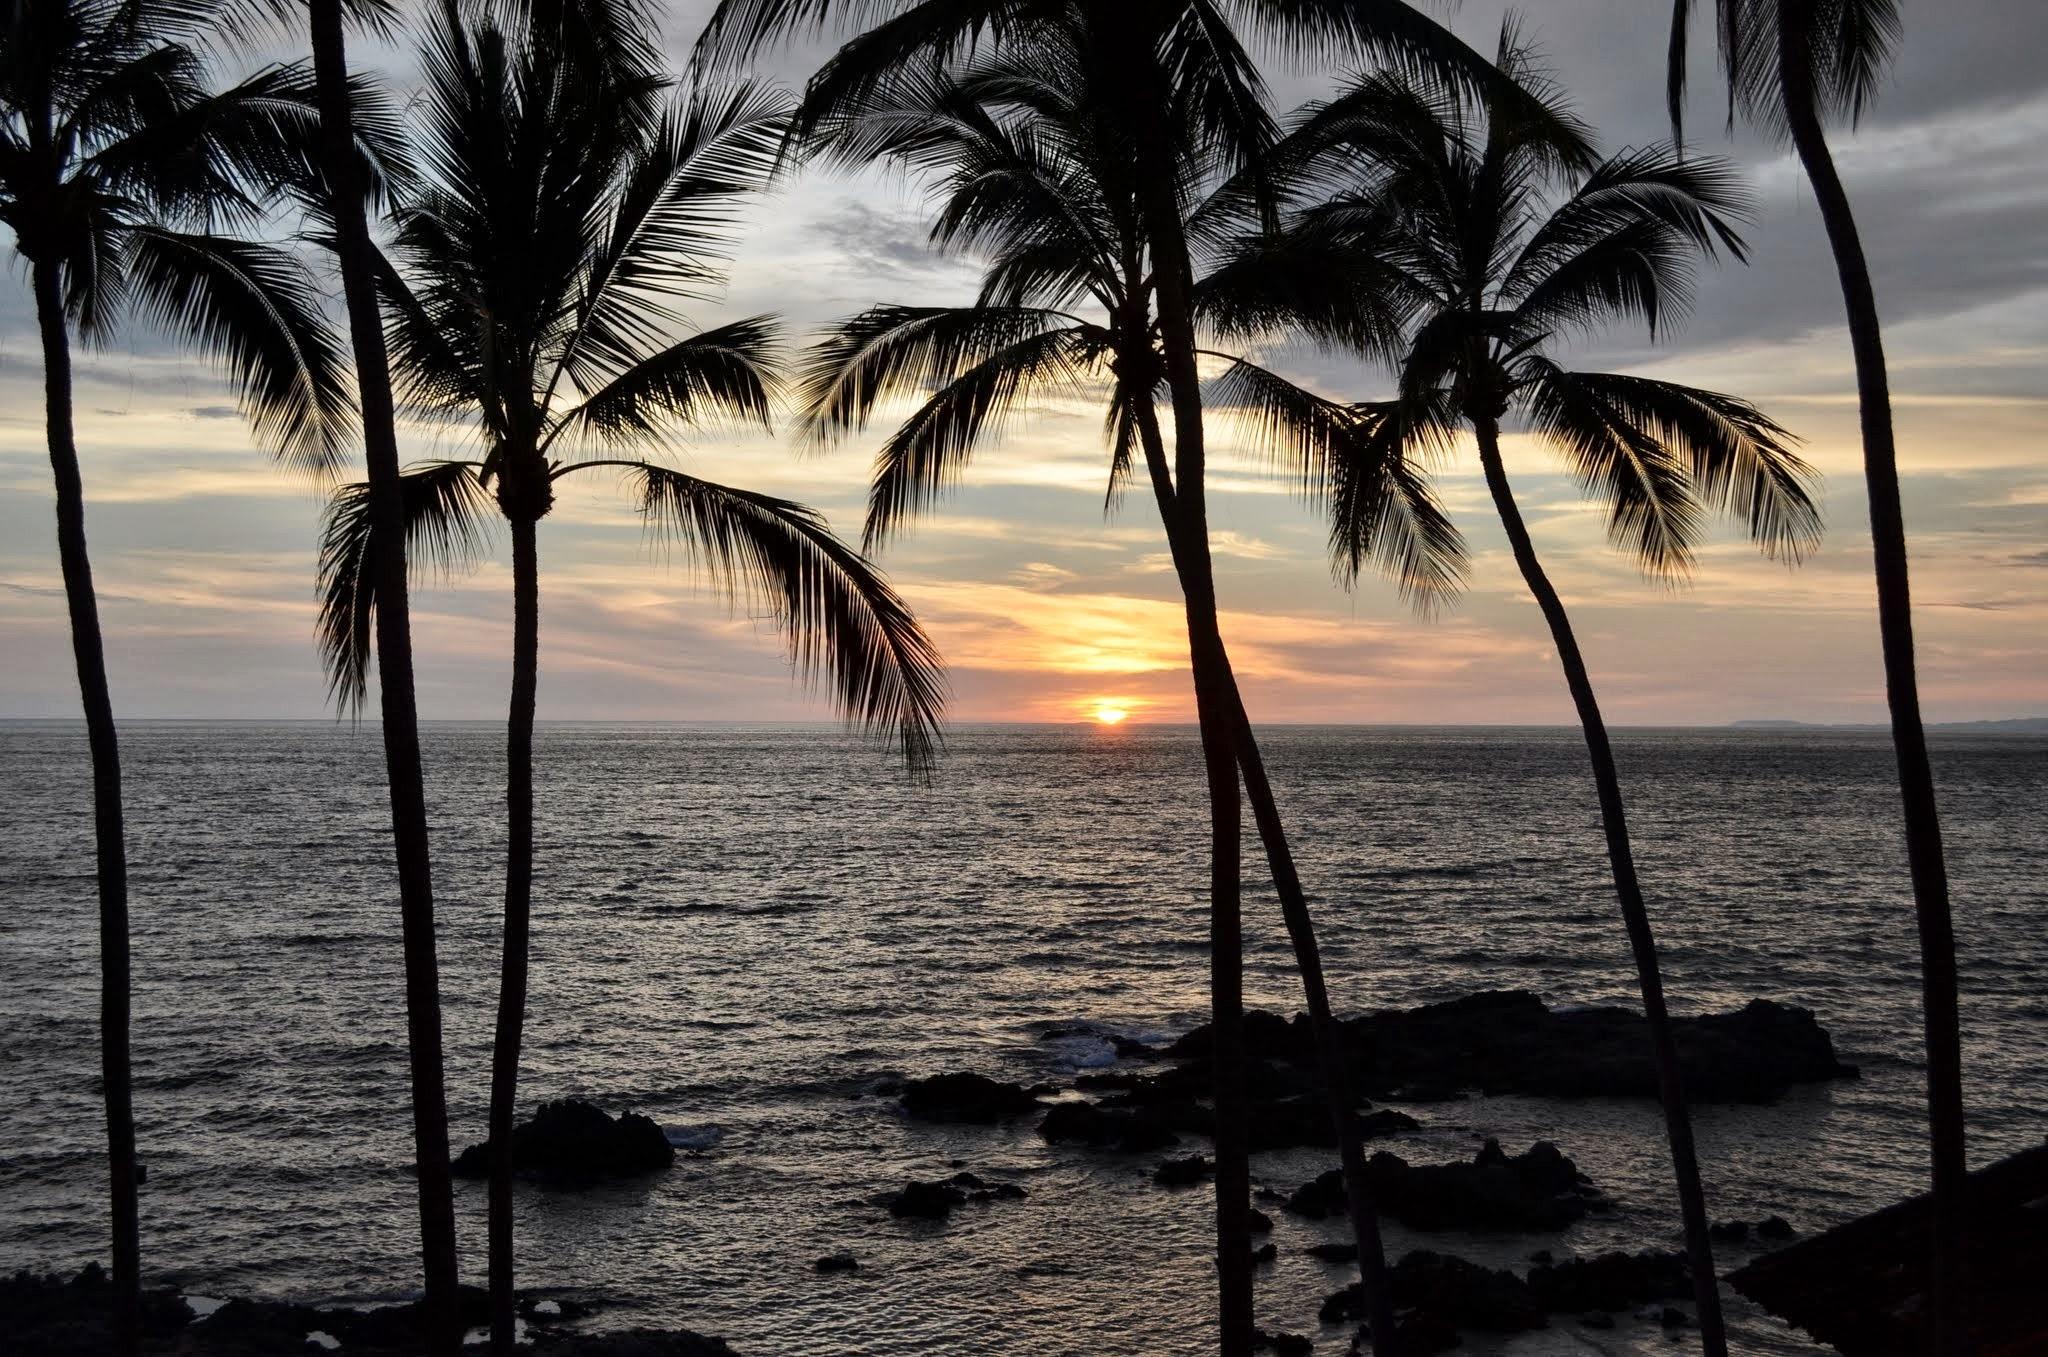 Meksiko, Tulum, meri, lintu, matkablogi, matka, sininen, paratiisi, ilta